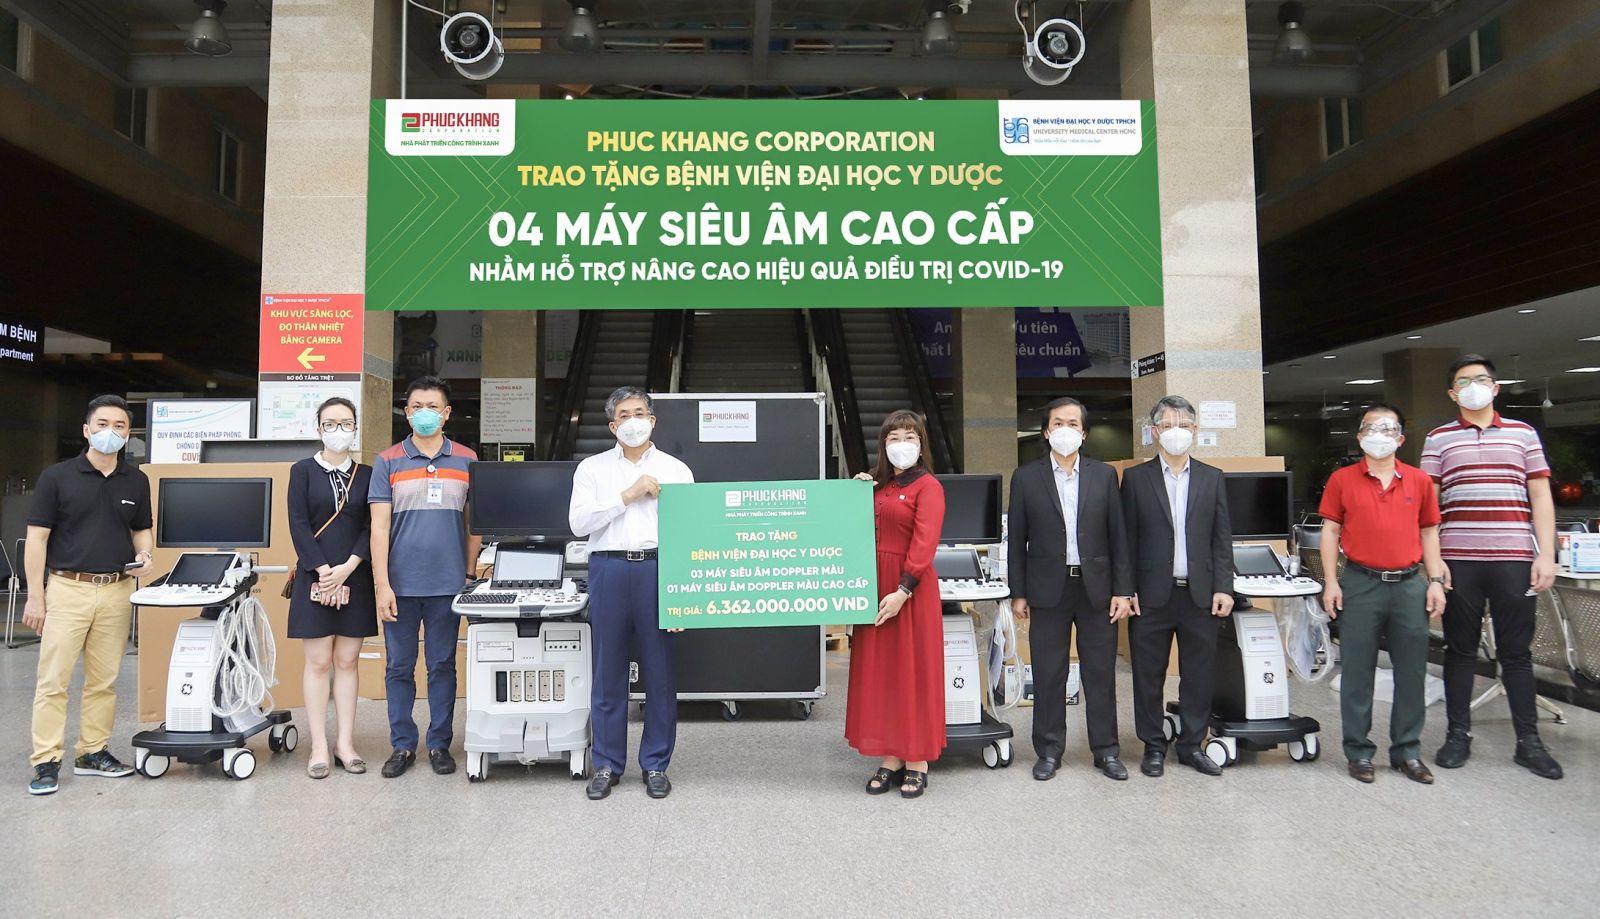 Phuc Khang Corporation trao tặng 4 máy siêu âm cho BV ĐHYD TP.HCM với tổng giá trị hơn 6.3 tỷ đồng